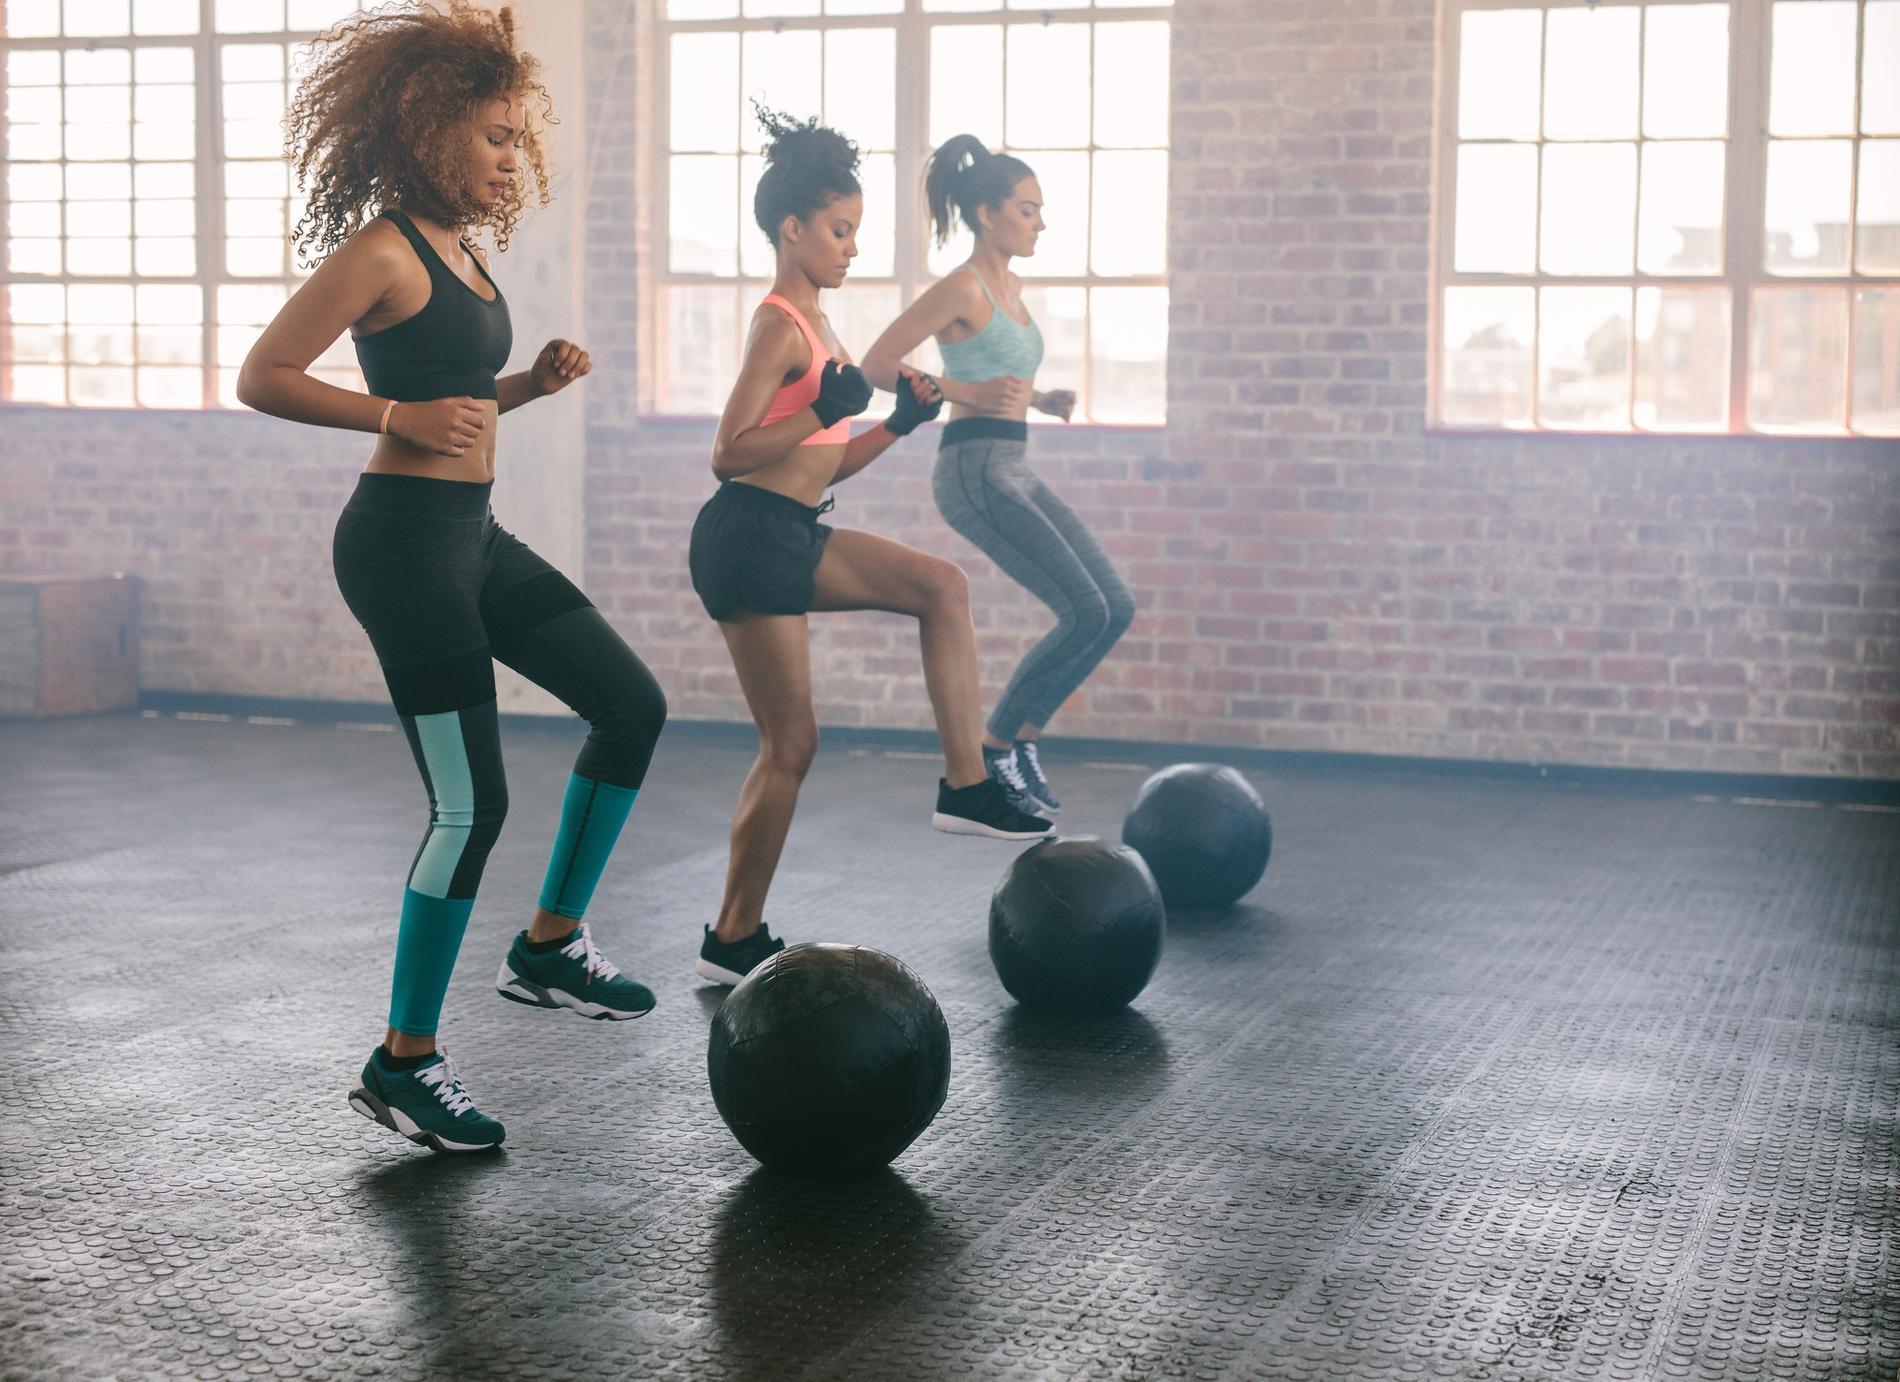 meilleur sport pour se muscler femme